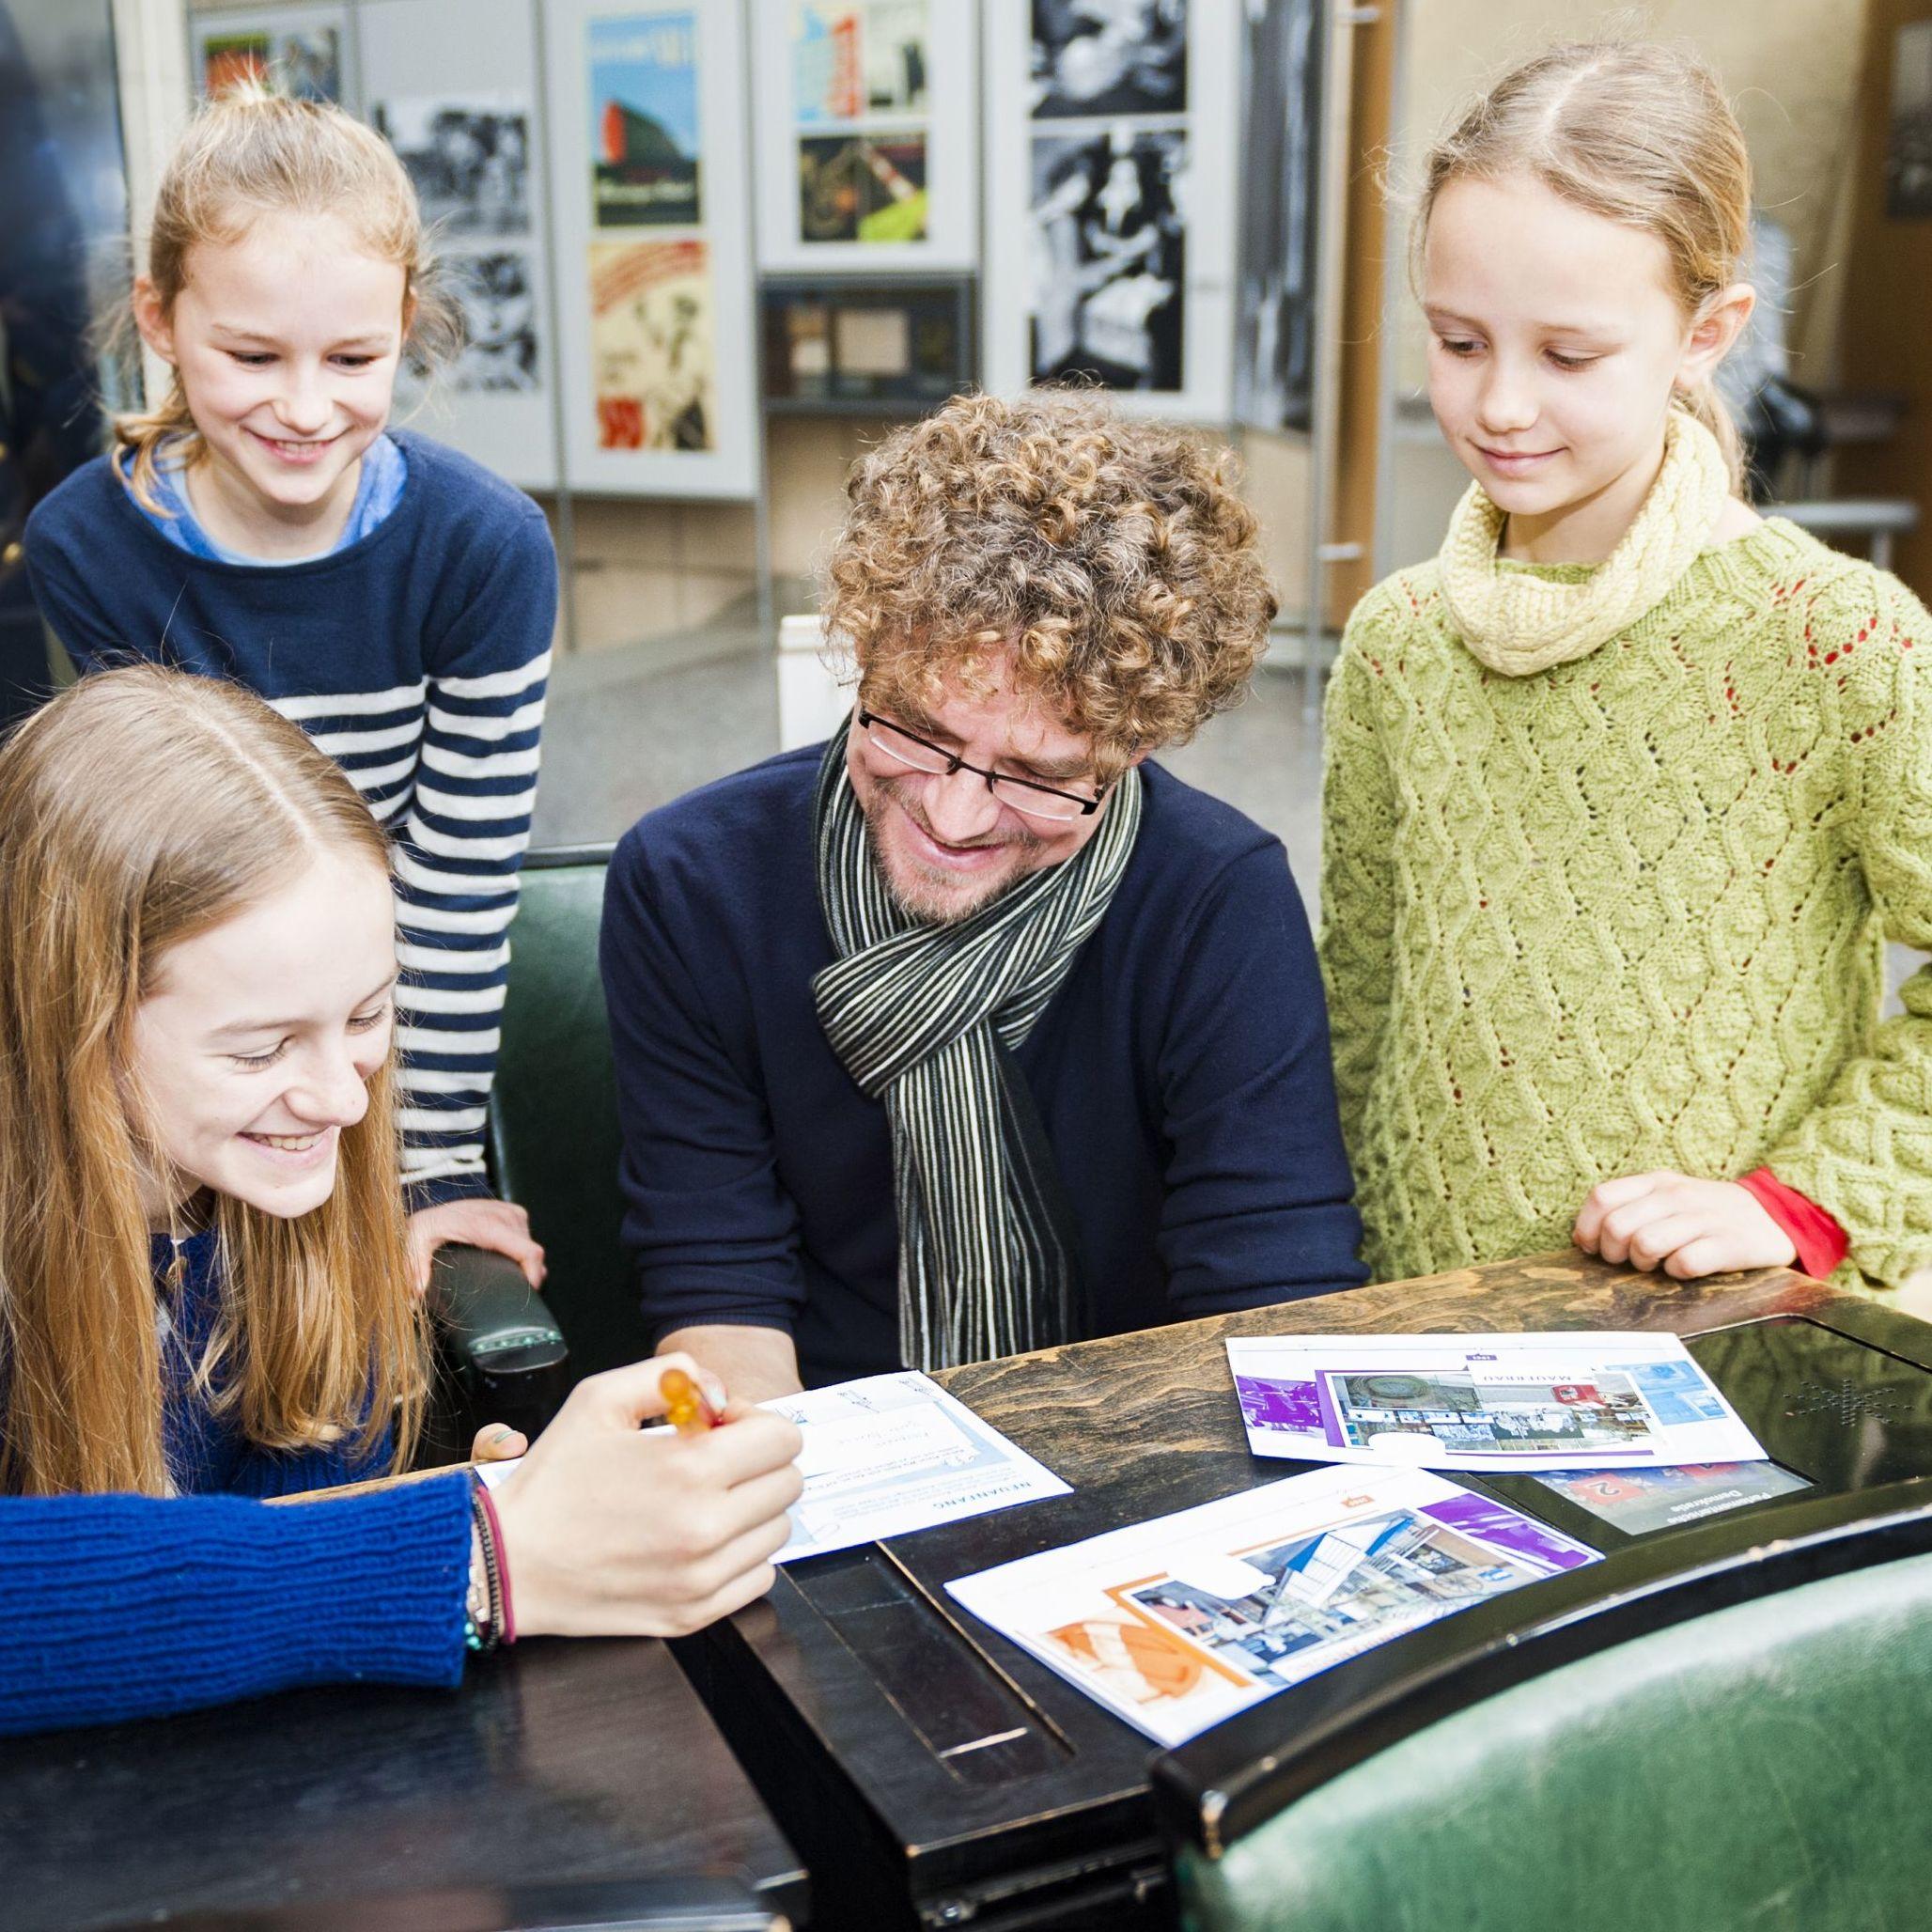 Familie im Bundestagsgestühl im Haus der Geschichte mit museumspädgagogischer Familientour